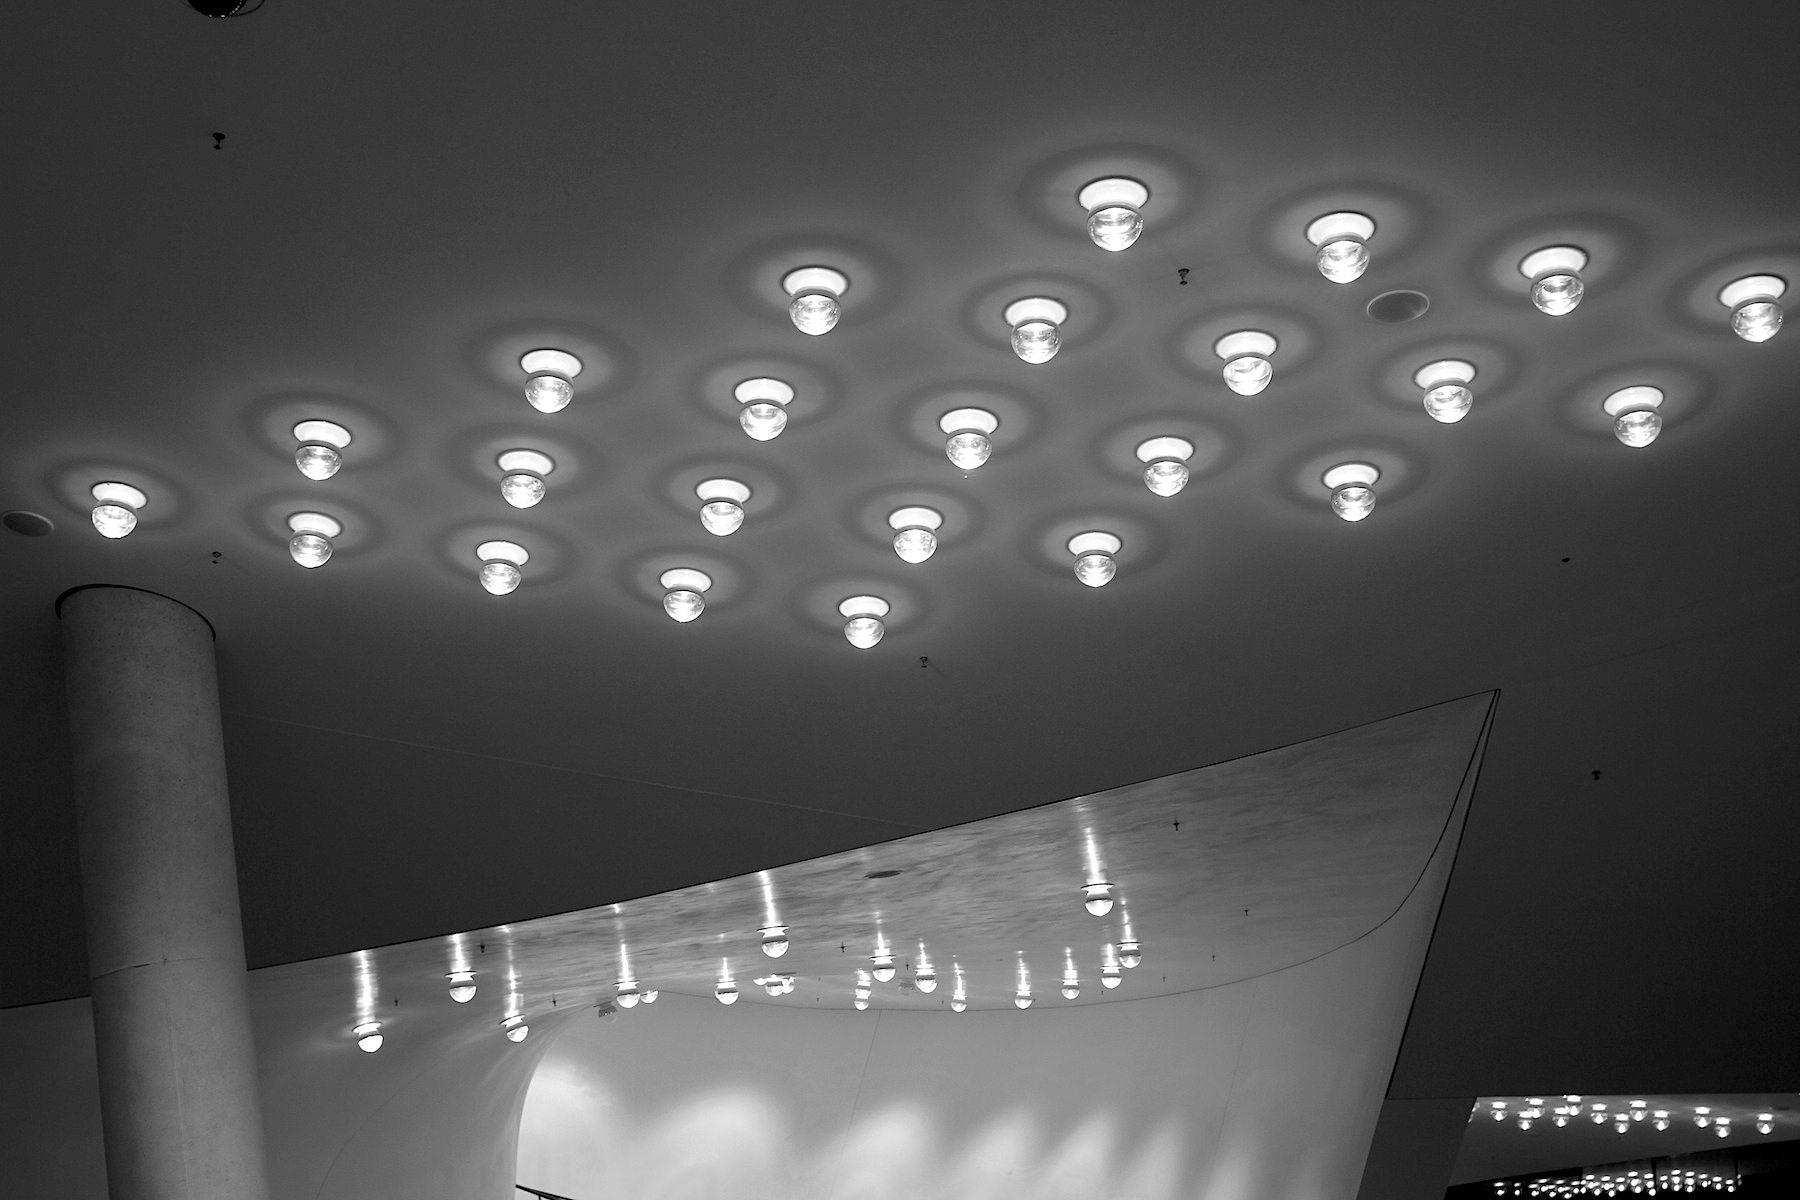 Anzahl. Insgesamt wurden 600 der halb verspiegelten Leuchten eingebaut.